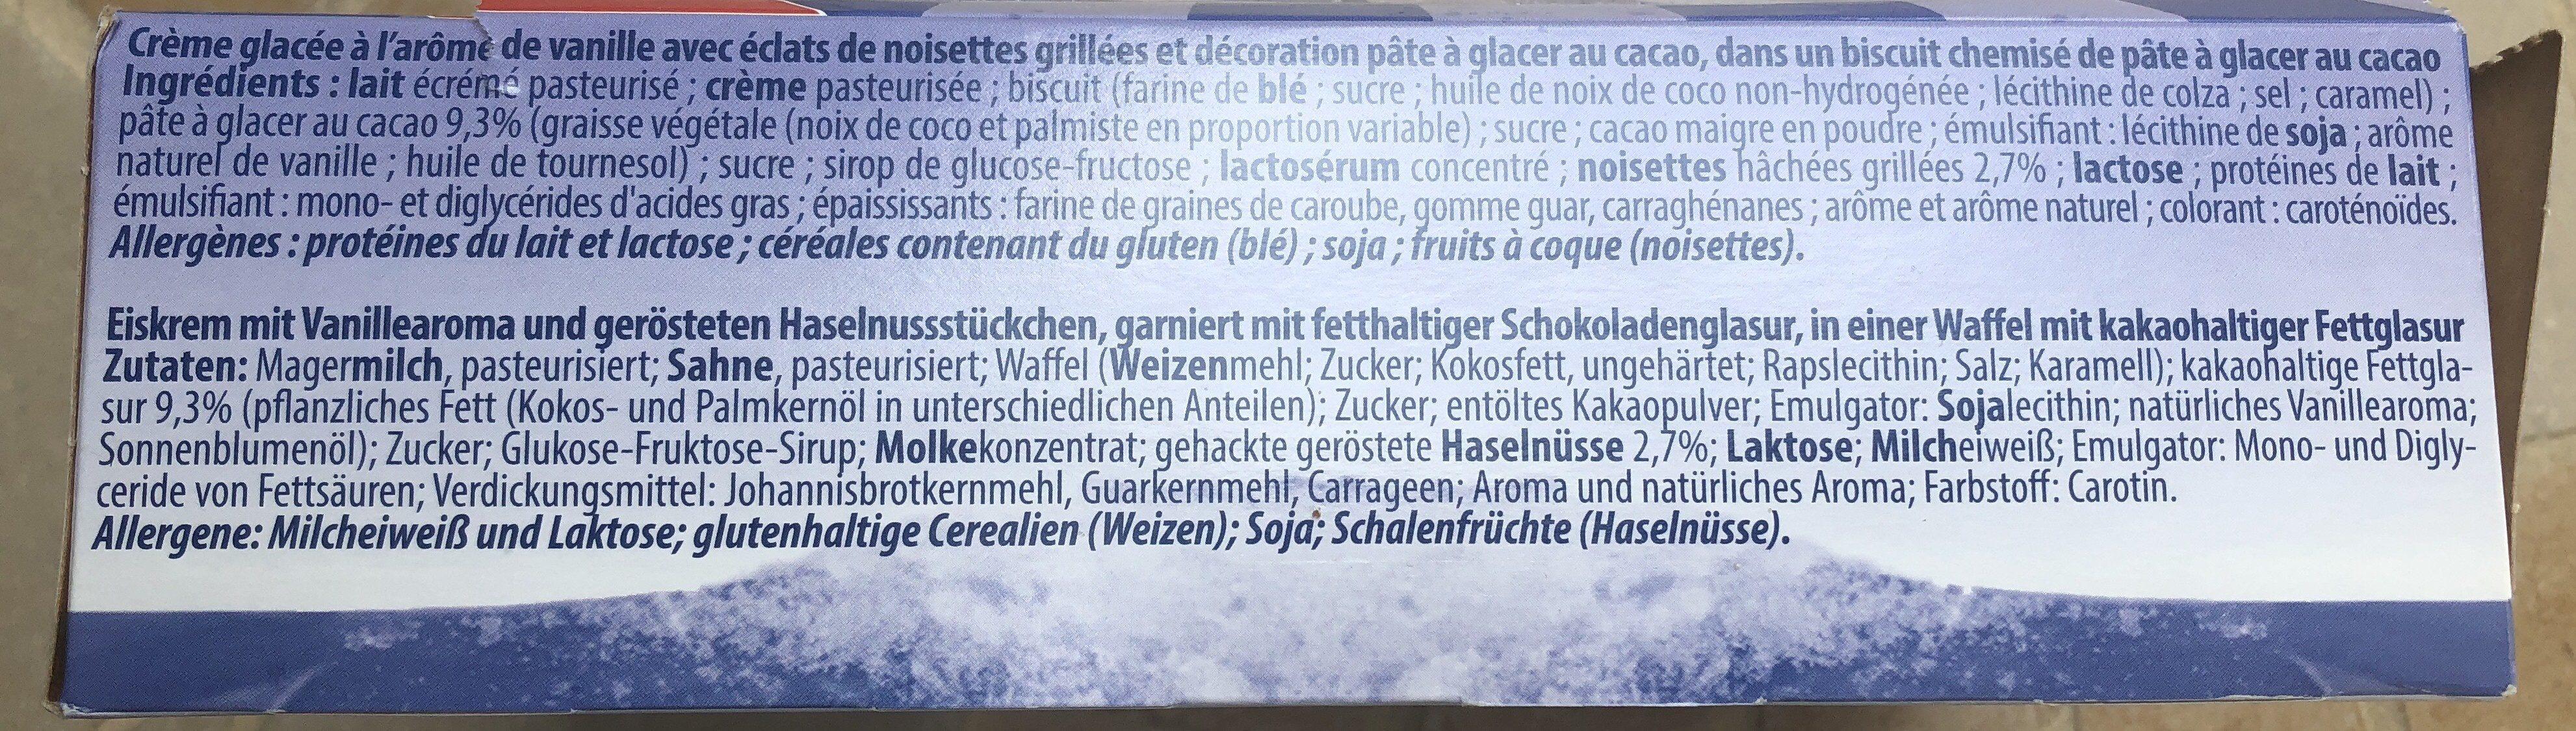 Cornet - Ingredienti - fr